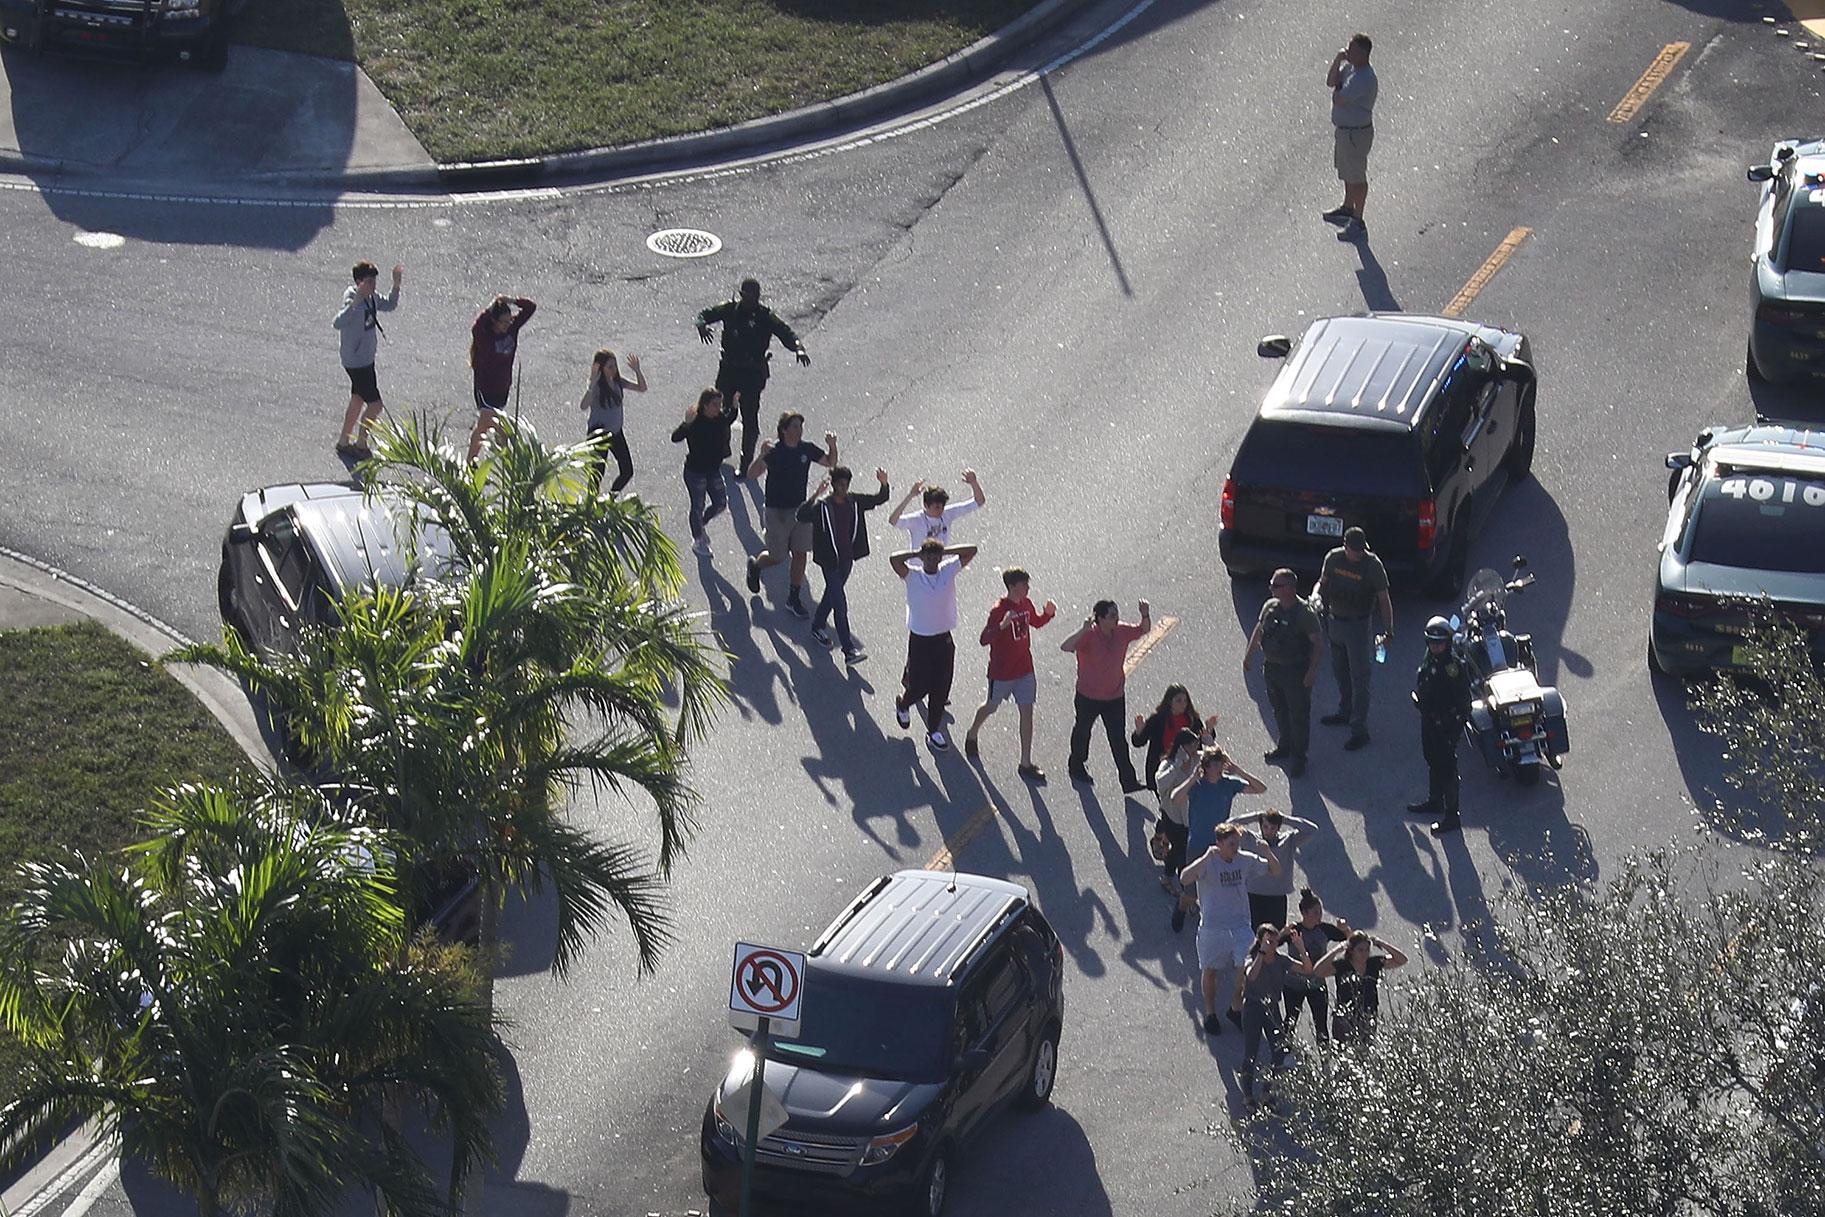 Todo lo que sabemos sobre el tiroteo en una escuela secundaria de Florida que dejó 17 muertos